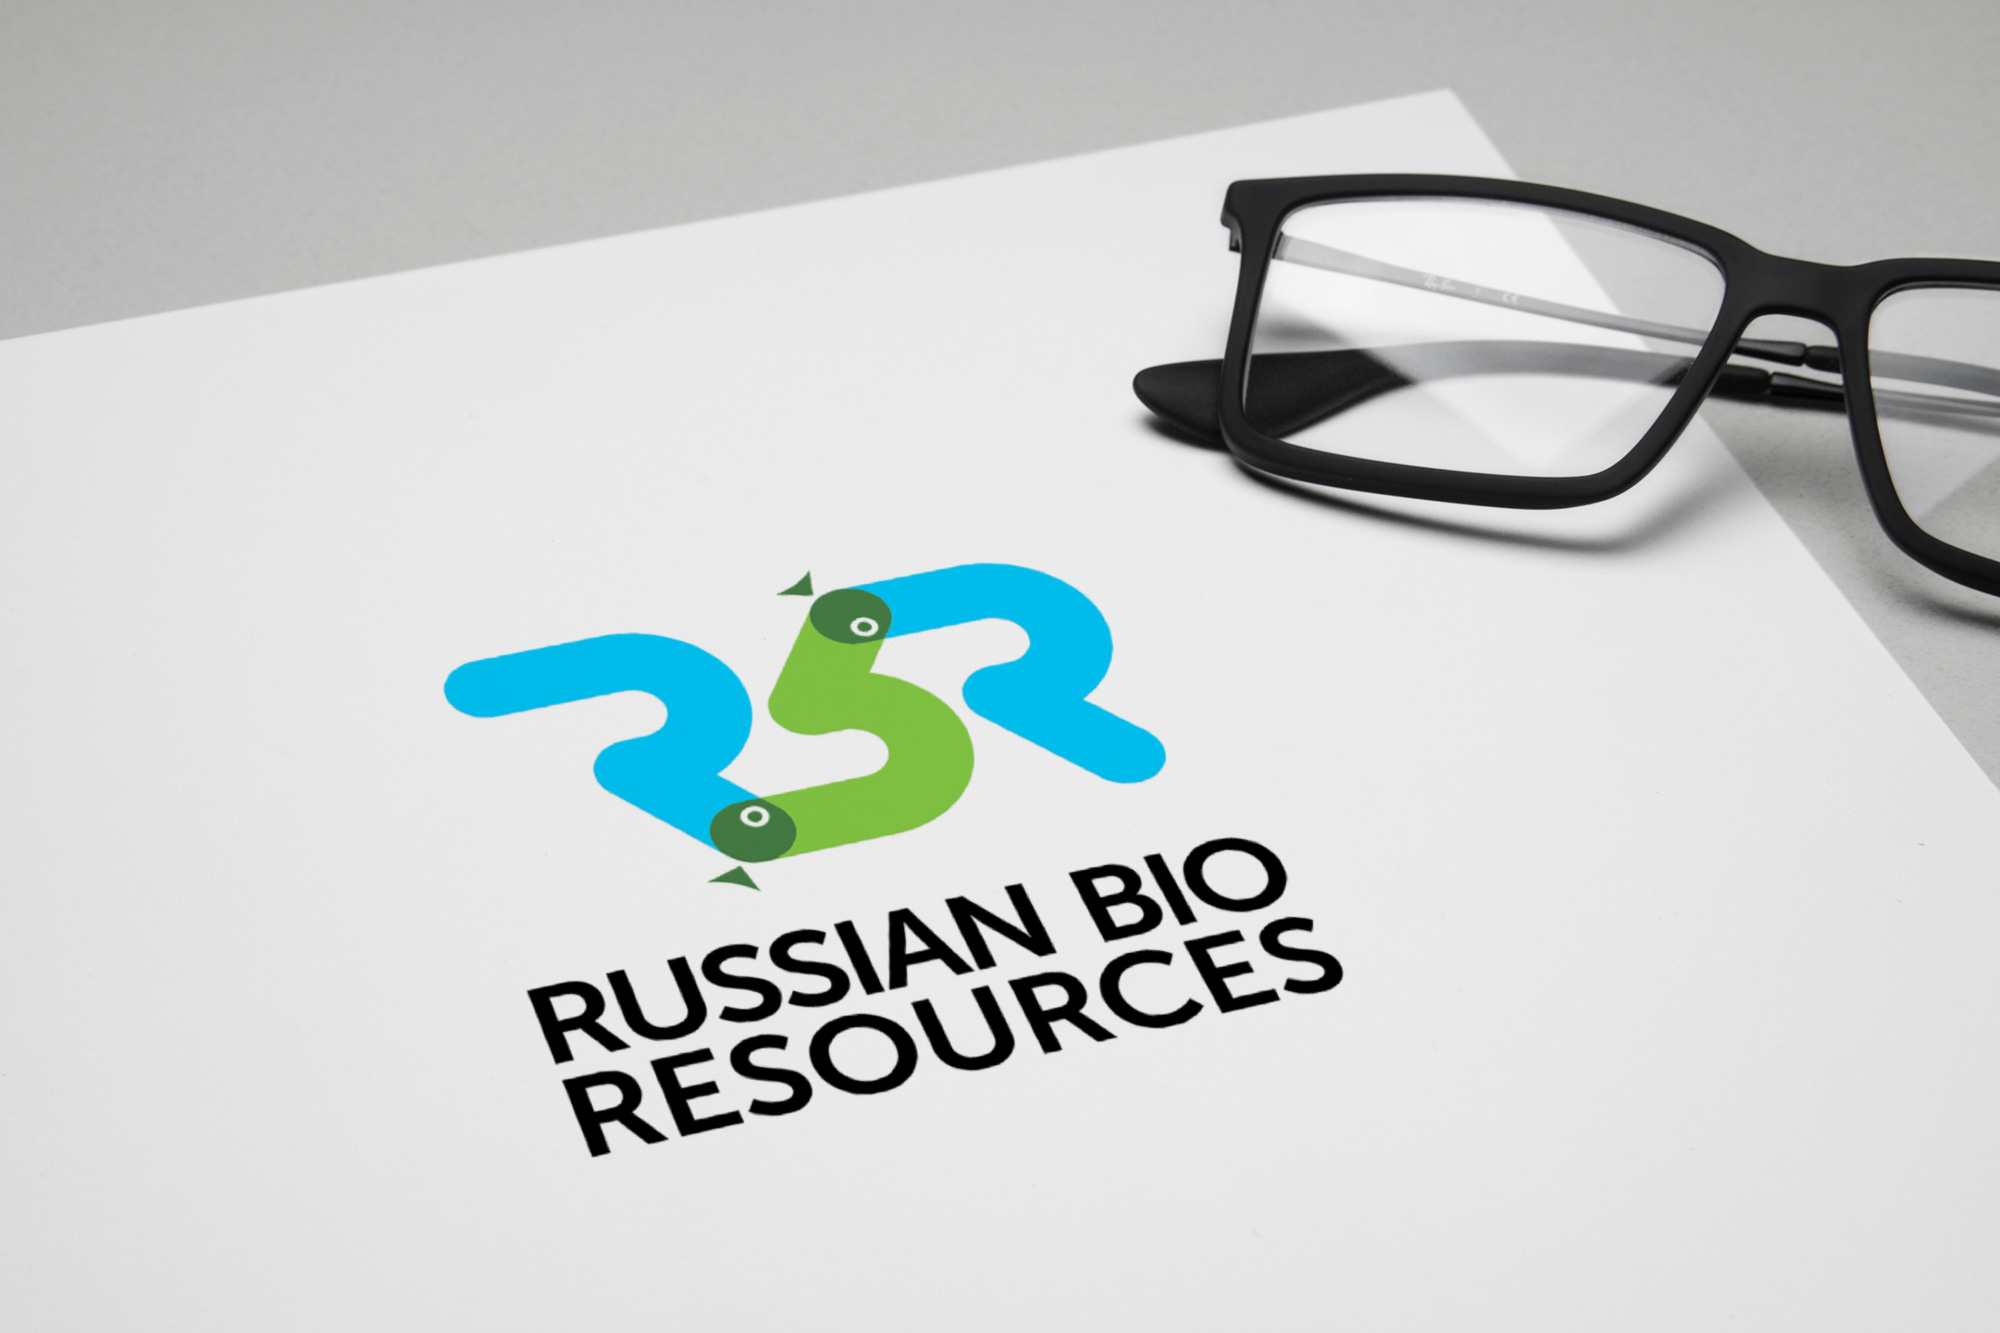 Разработка логотипа для компании «Русские Био Ресурсы» фото f_16258f61ffc6759d.jpg